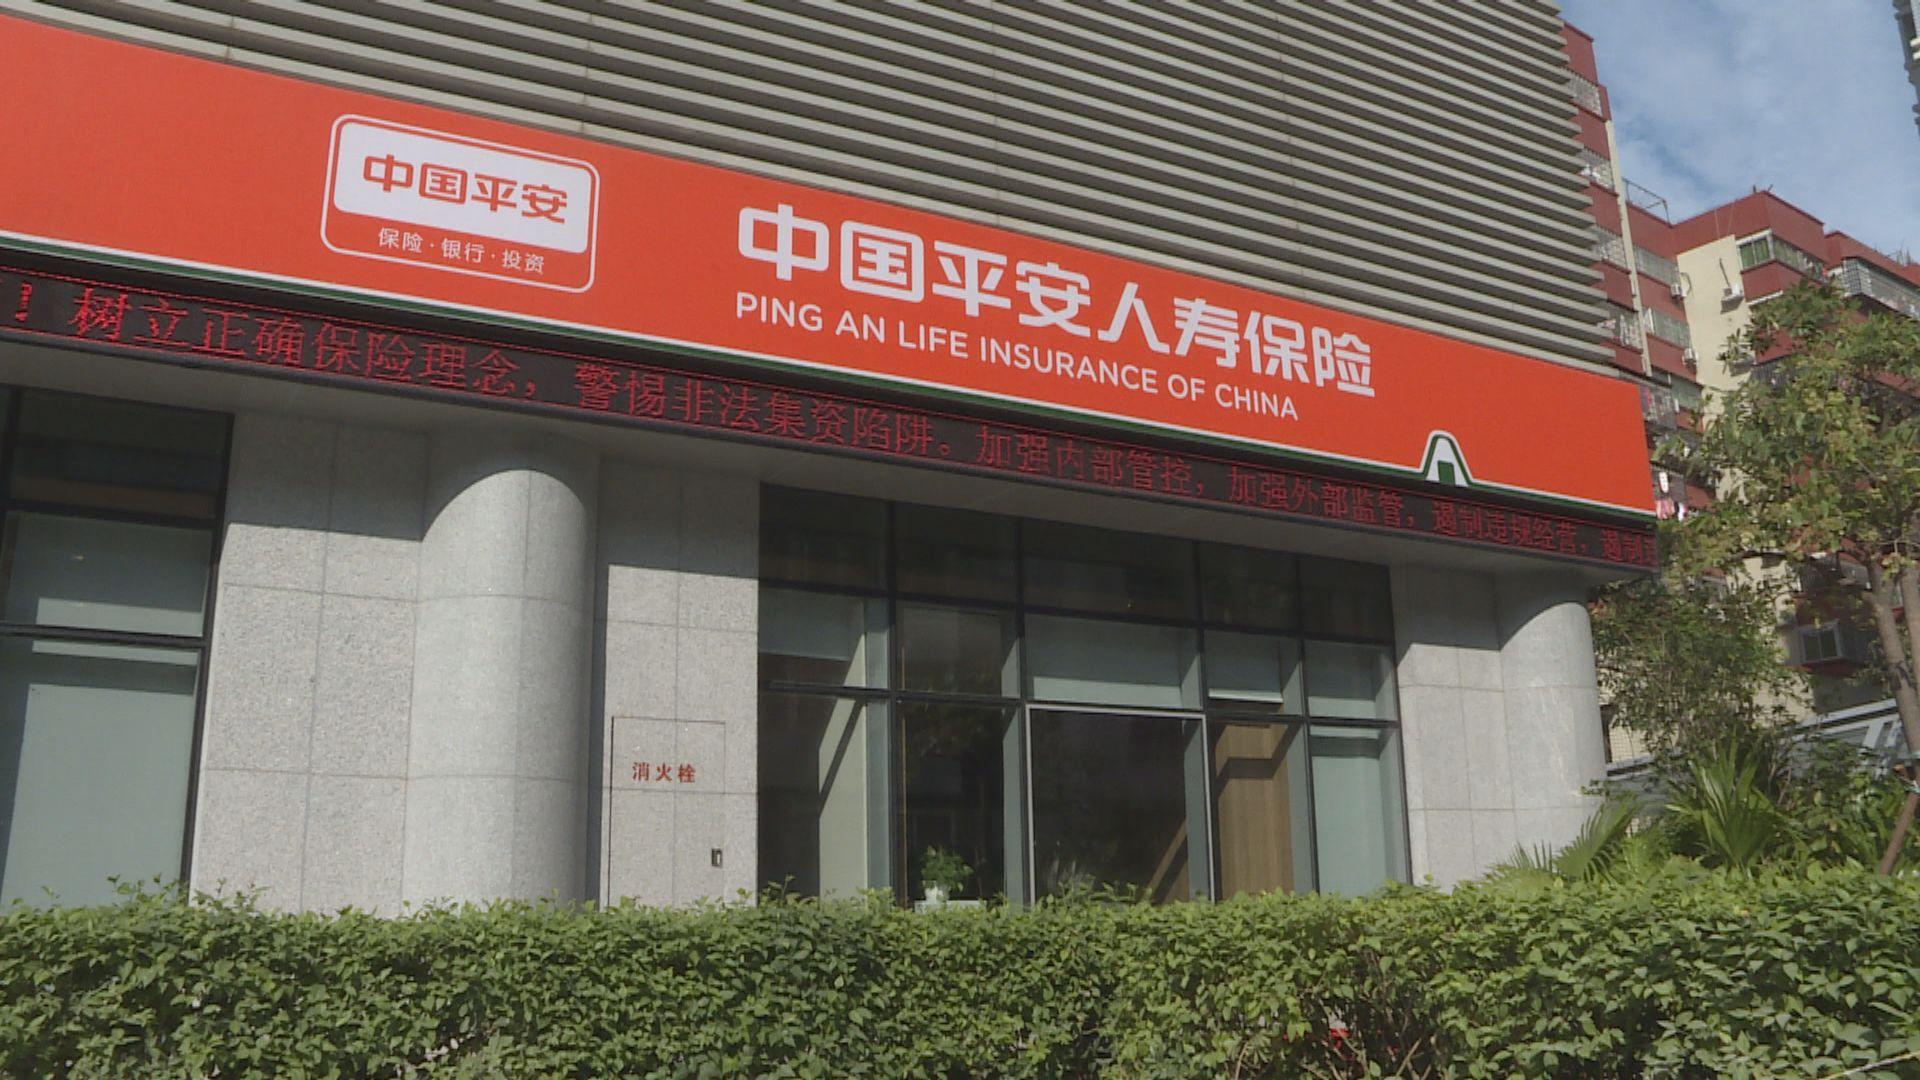 【肺炎疫情】惠譽料中資保險股短期盈利受壓